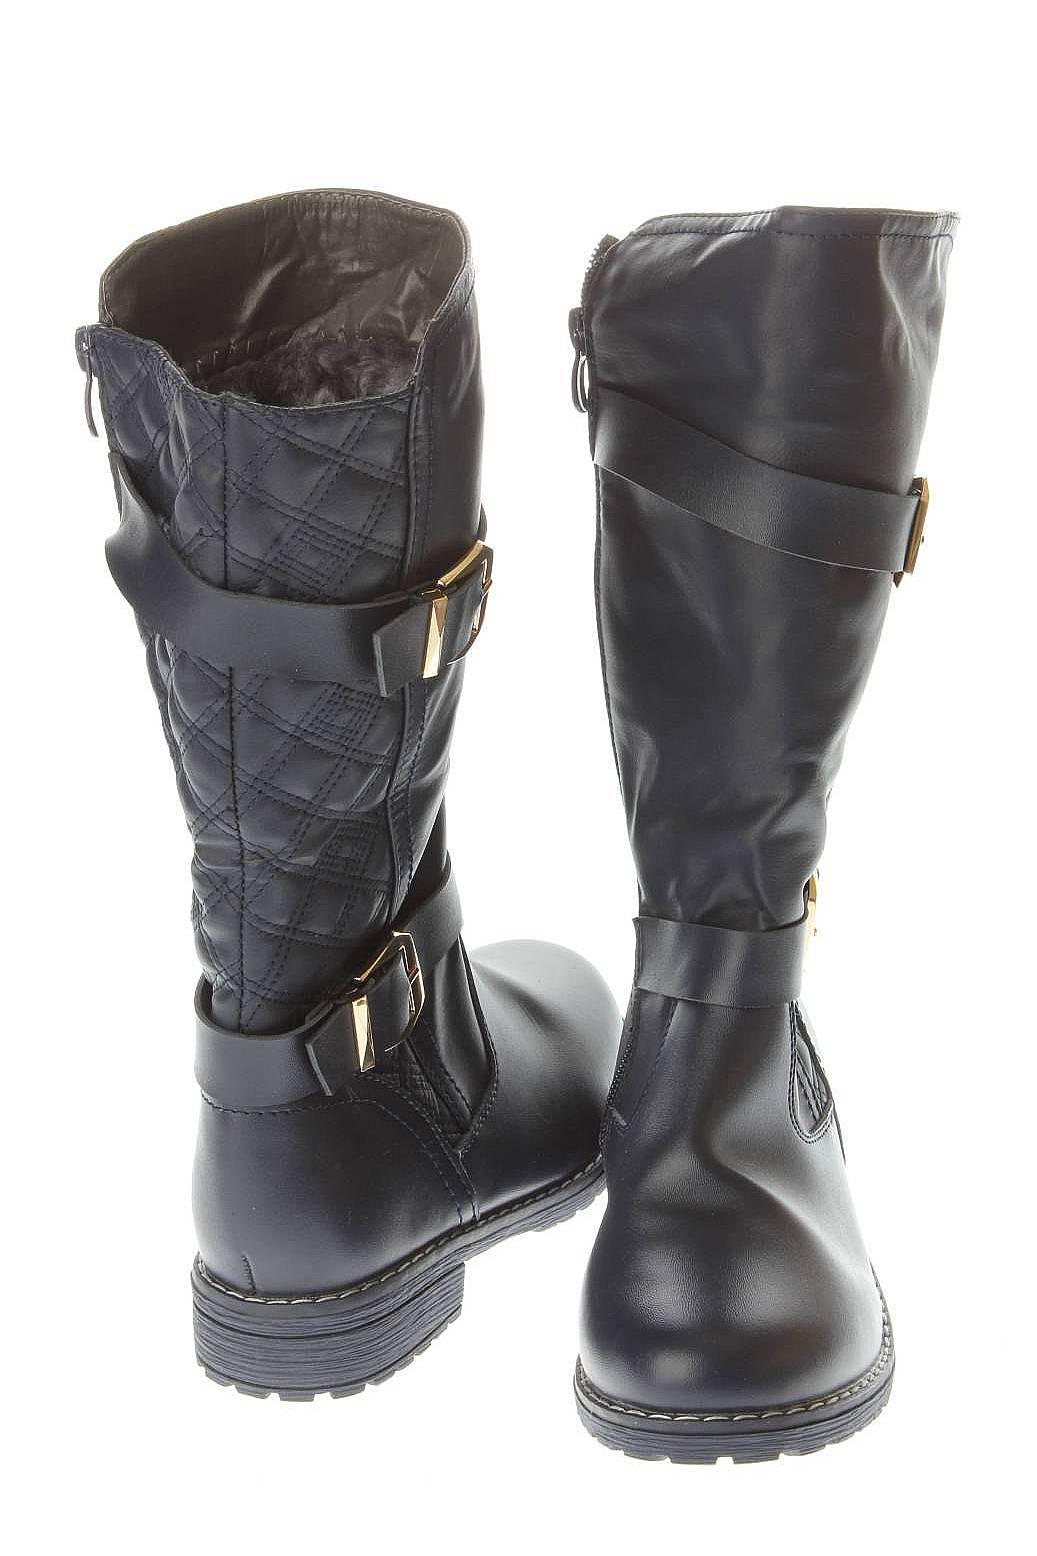 Мужская Обувь Детская Обувь Сапоги: Колобок Обувь